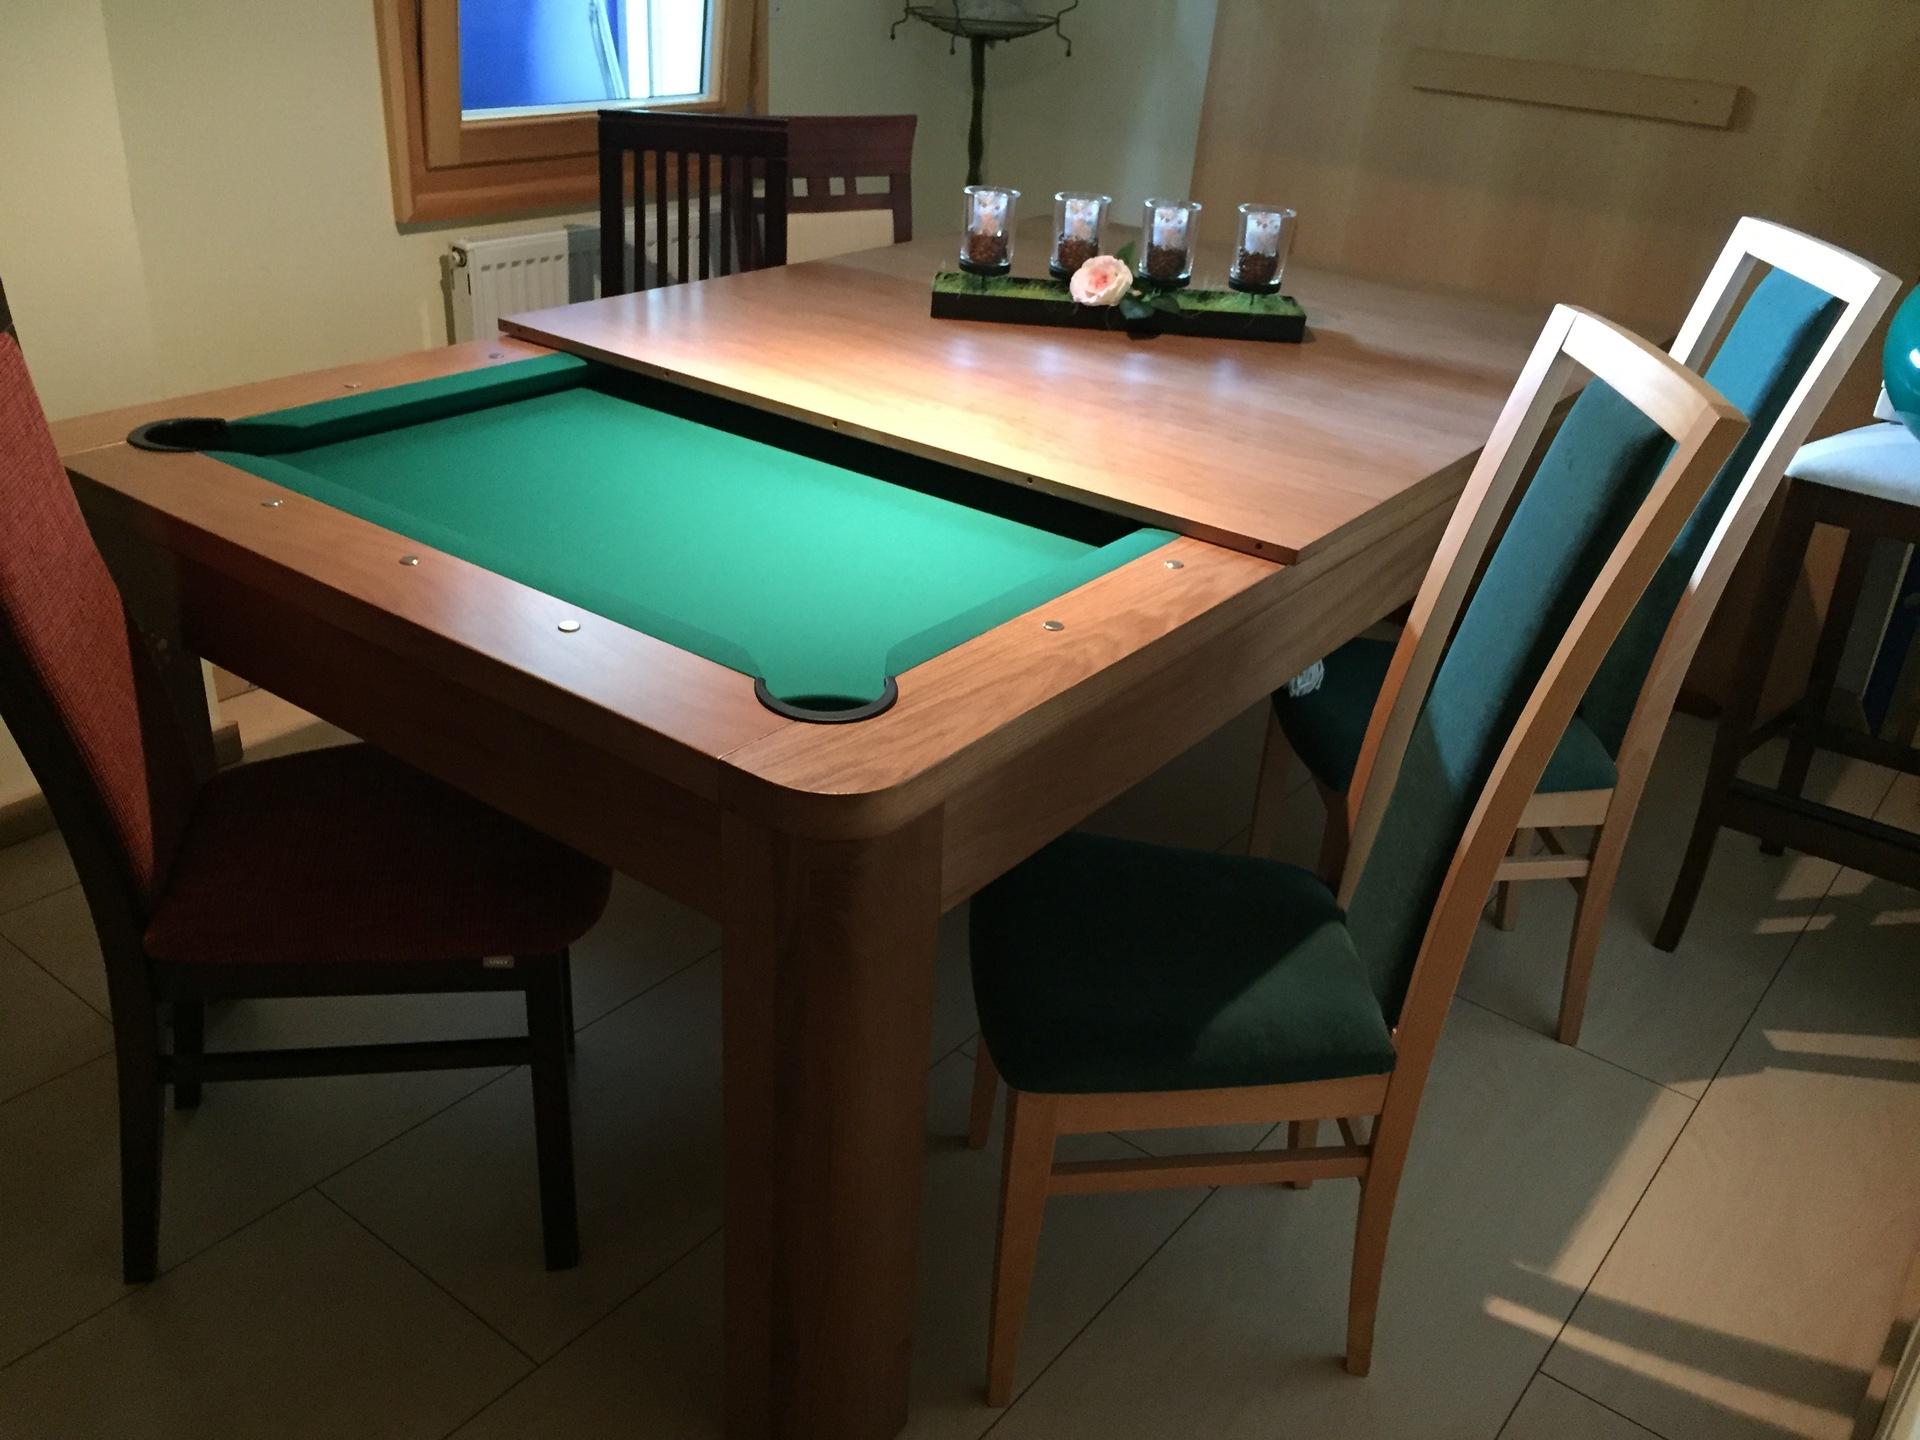 billardtisch esstisch san marino kaufen lissy. Black Bedroom Furniture Sets. Home Design Ideas